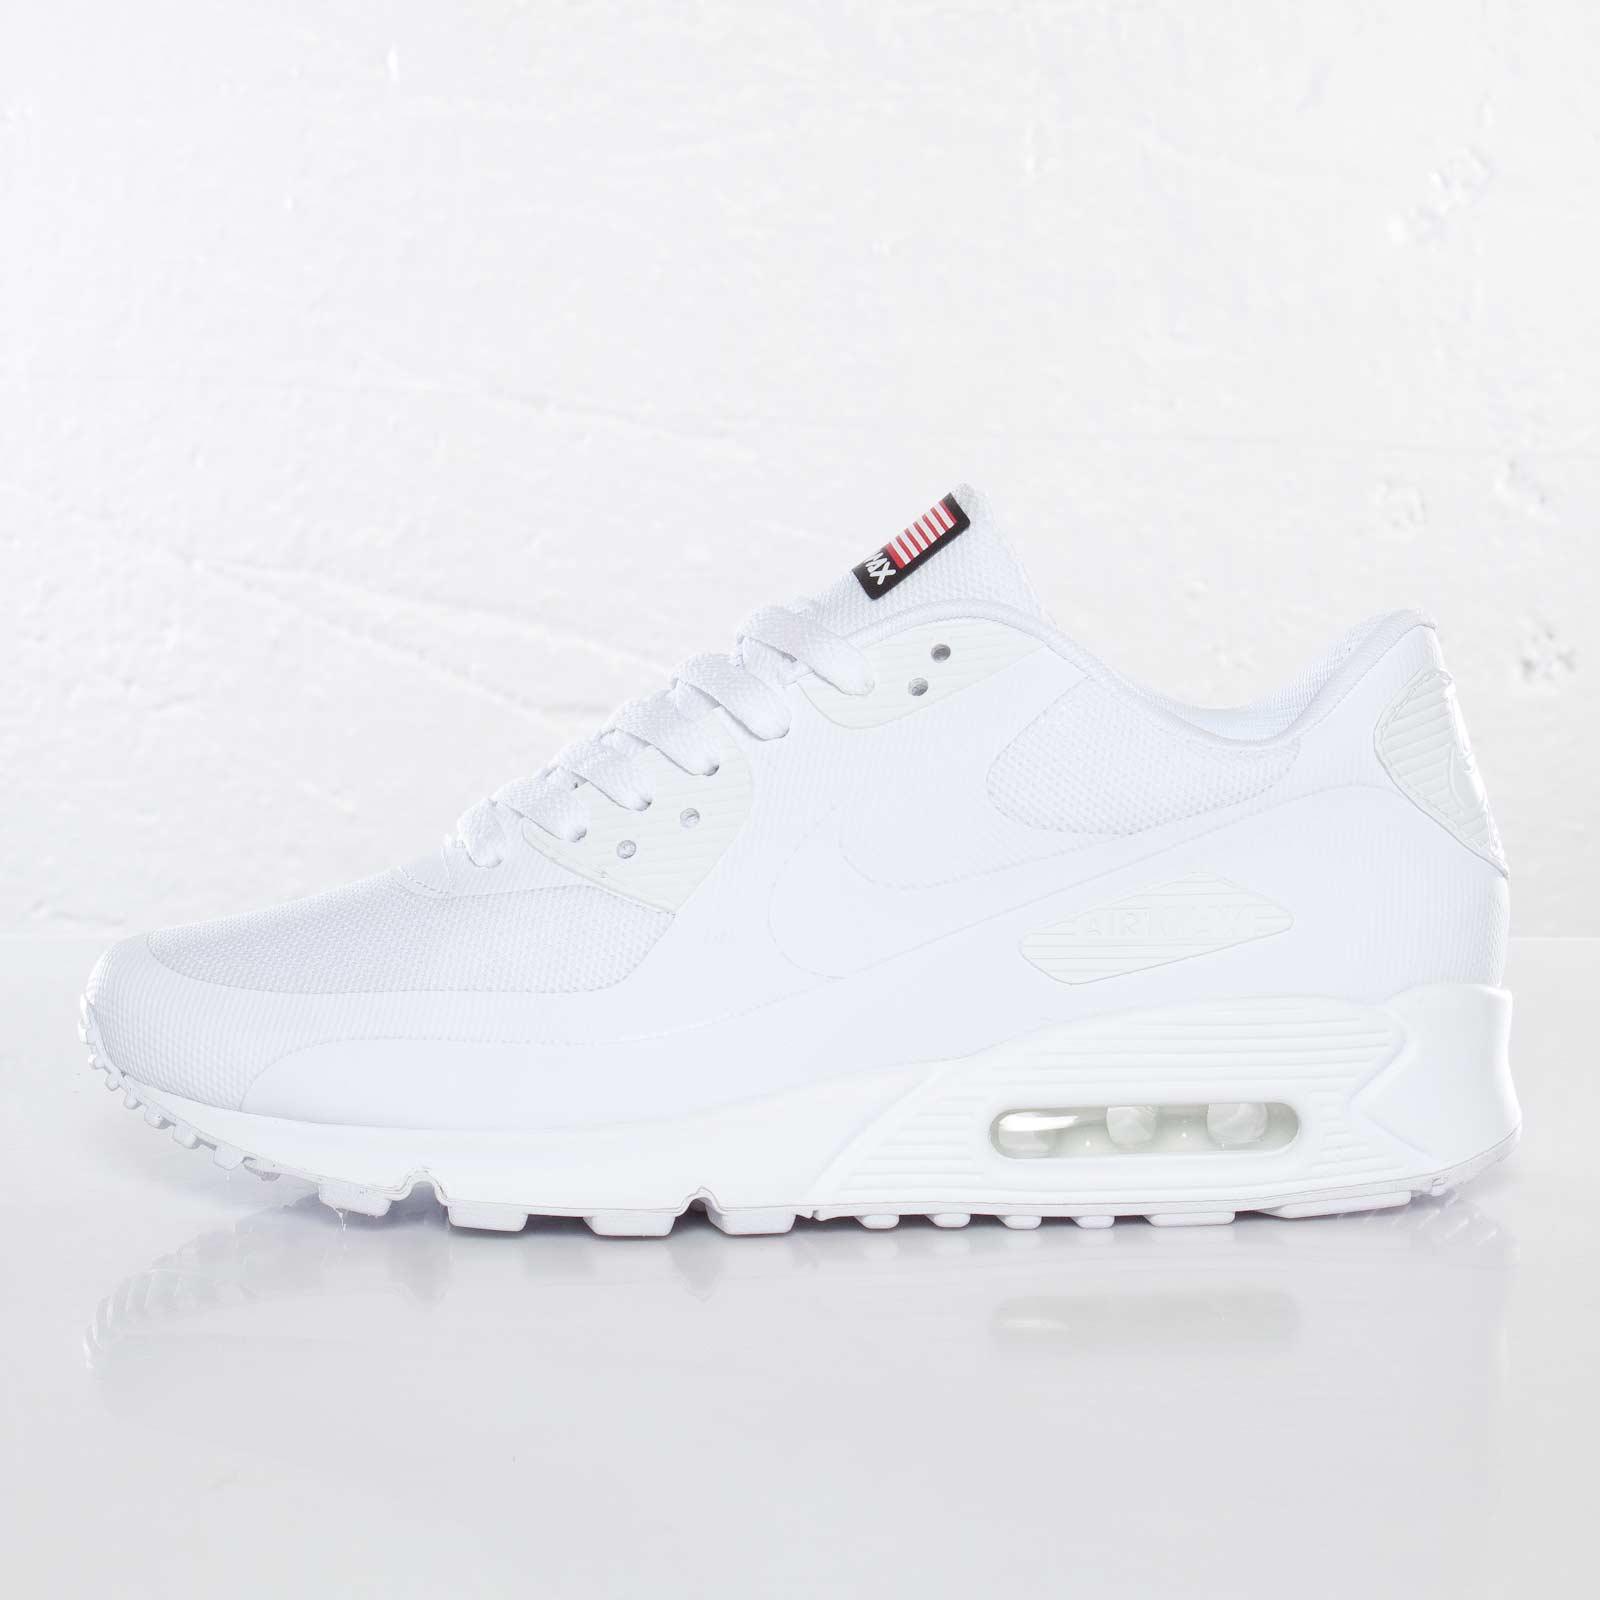 9298e6670327fd Nike Air Max 90 Hyperfuse QS - 613841-110 - Sneakersnstuff ...